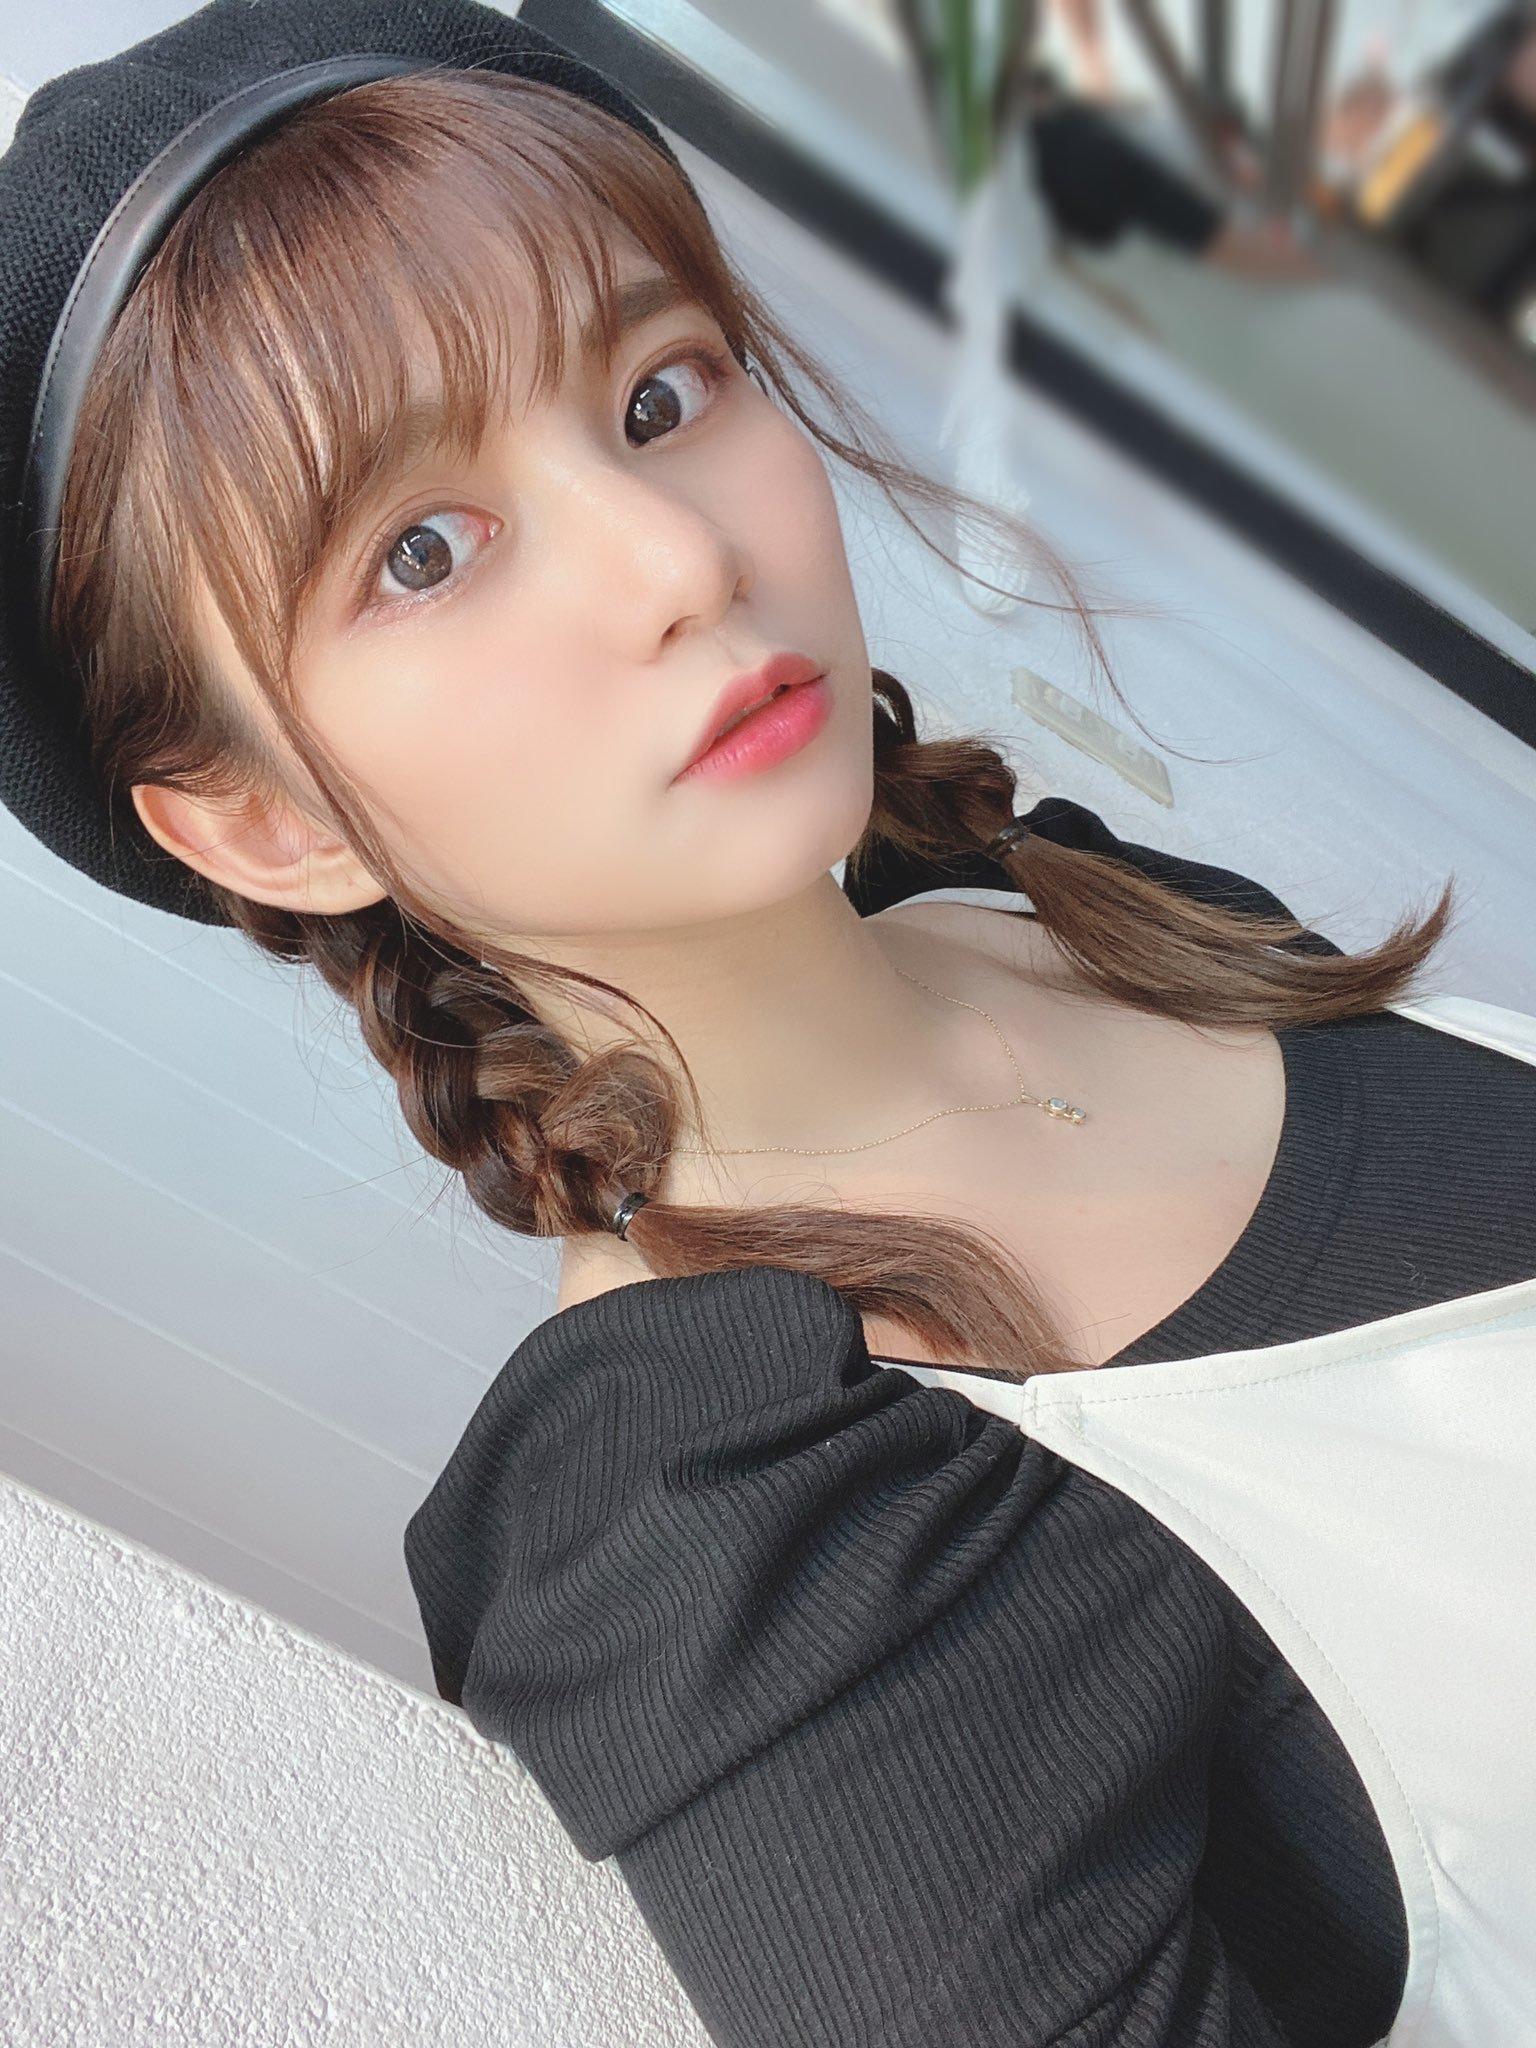 pon_chan216 1272440369322450945_p1